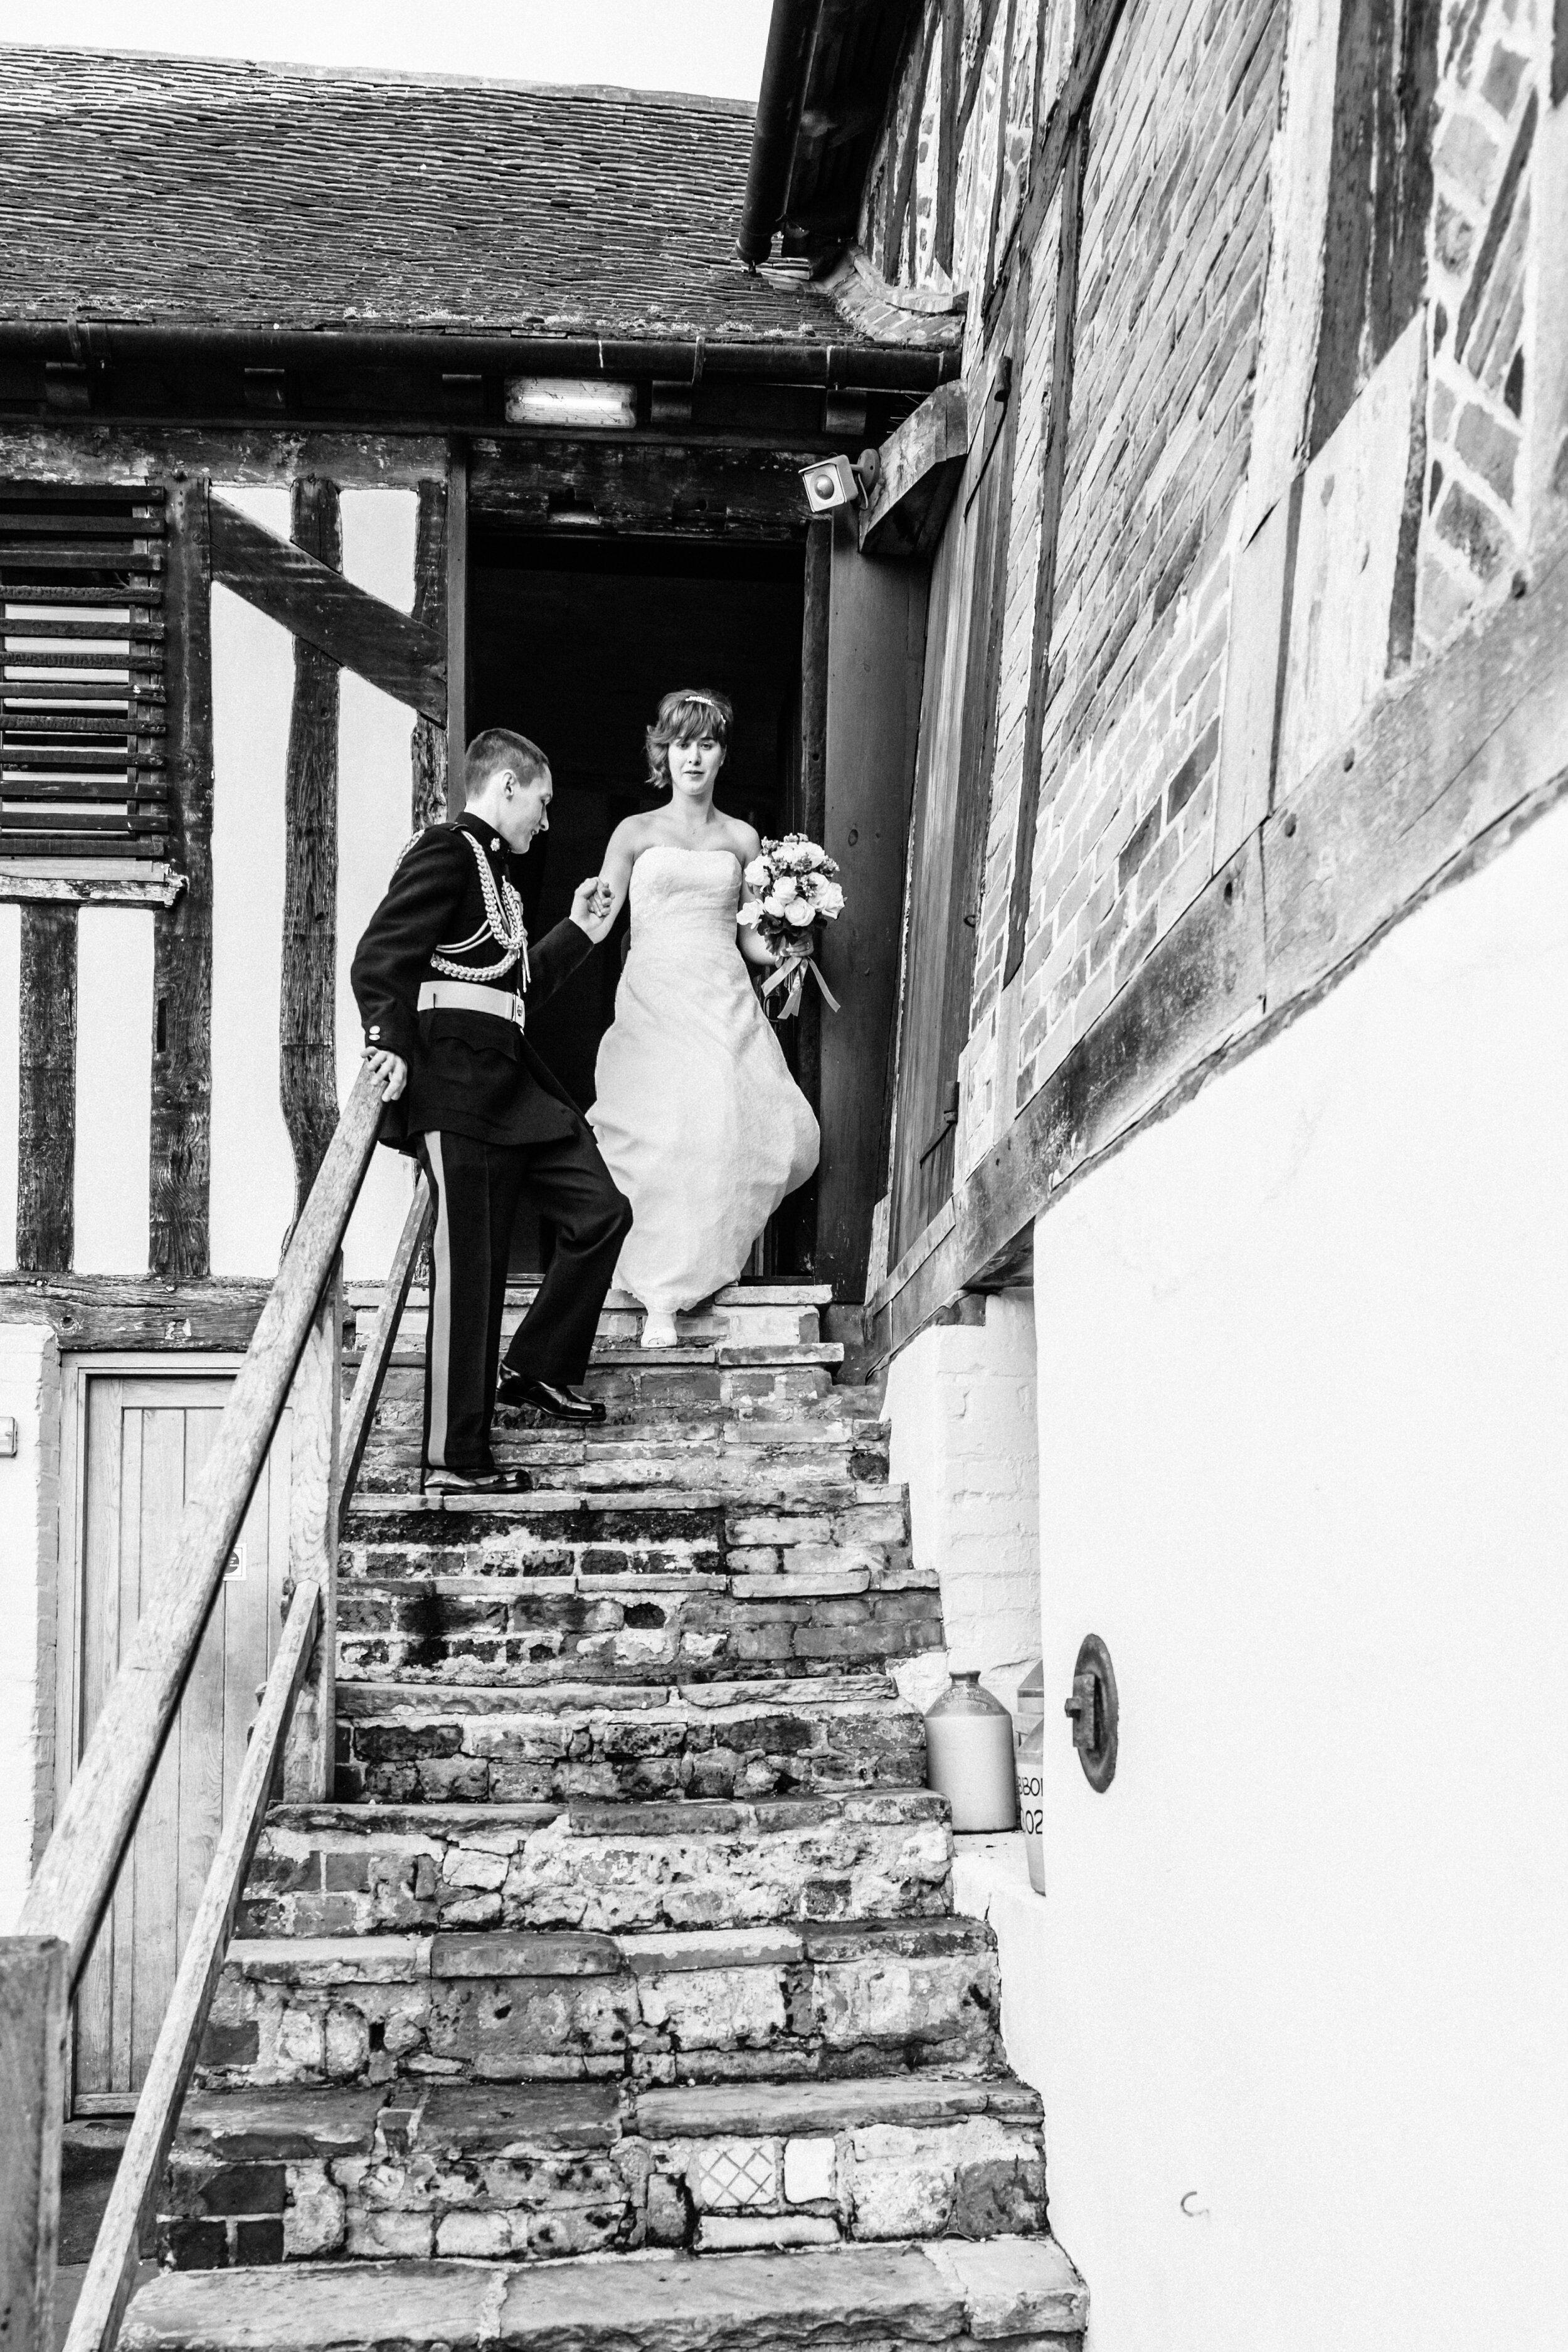 SUFFOLK_WEDDING_PHOTOGRAPHY_ISAACS_WEDDING_VENUE_WEDDINGPHOTOGRAPHERNEARME_iPSWICHWEDDINGPHOTOGRAPHER (47).jpg